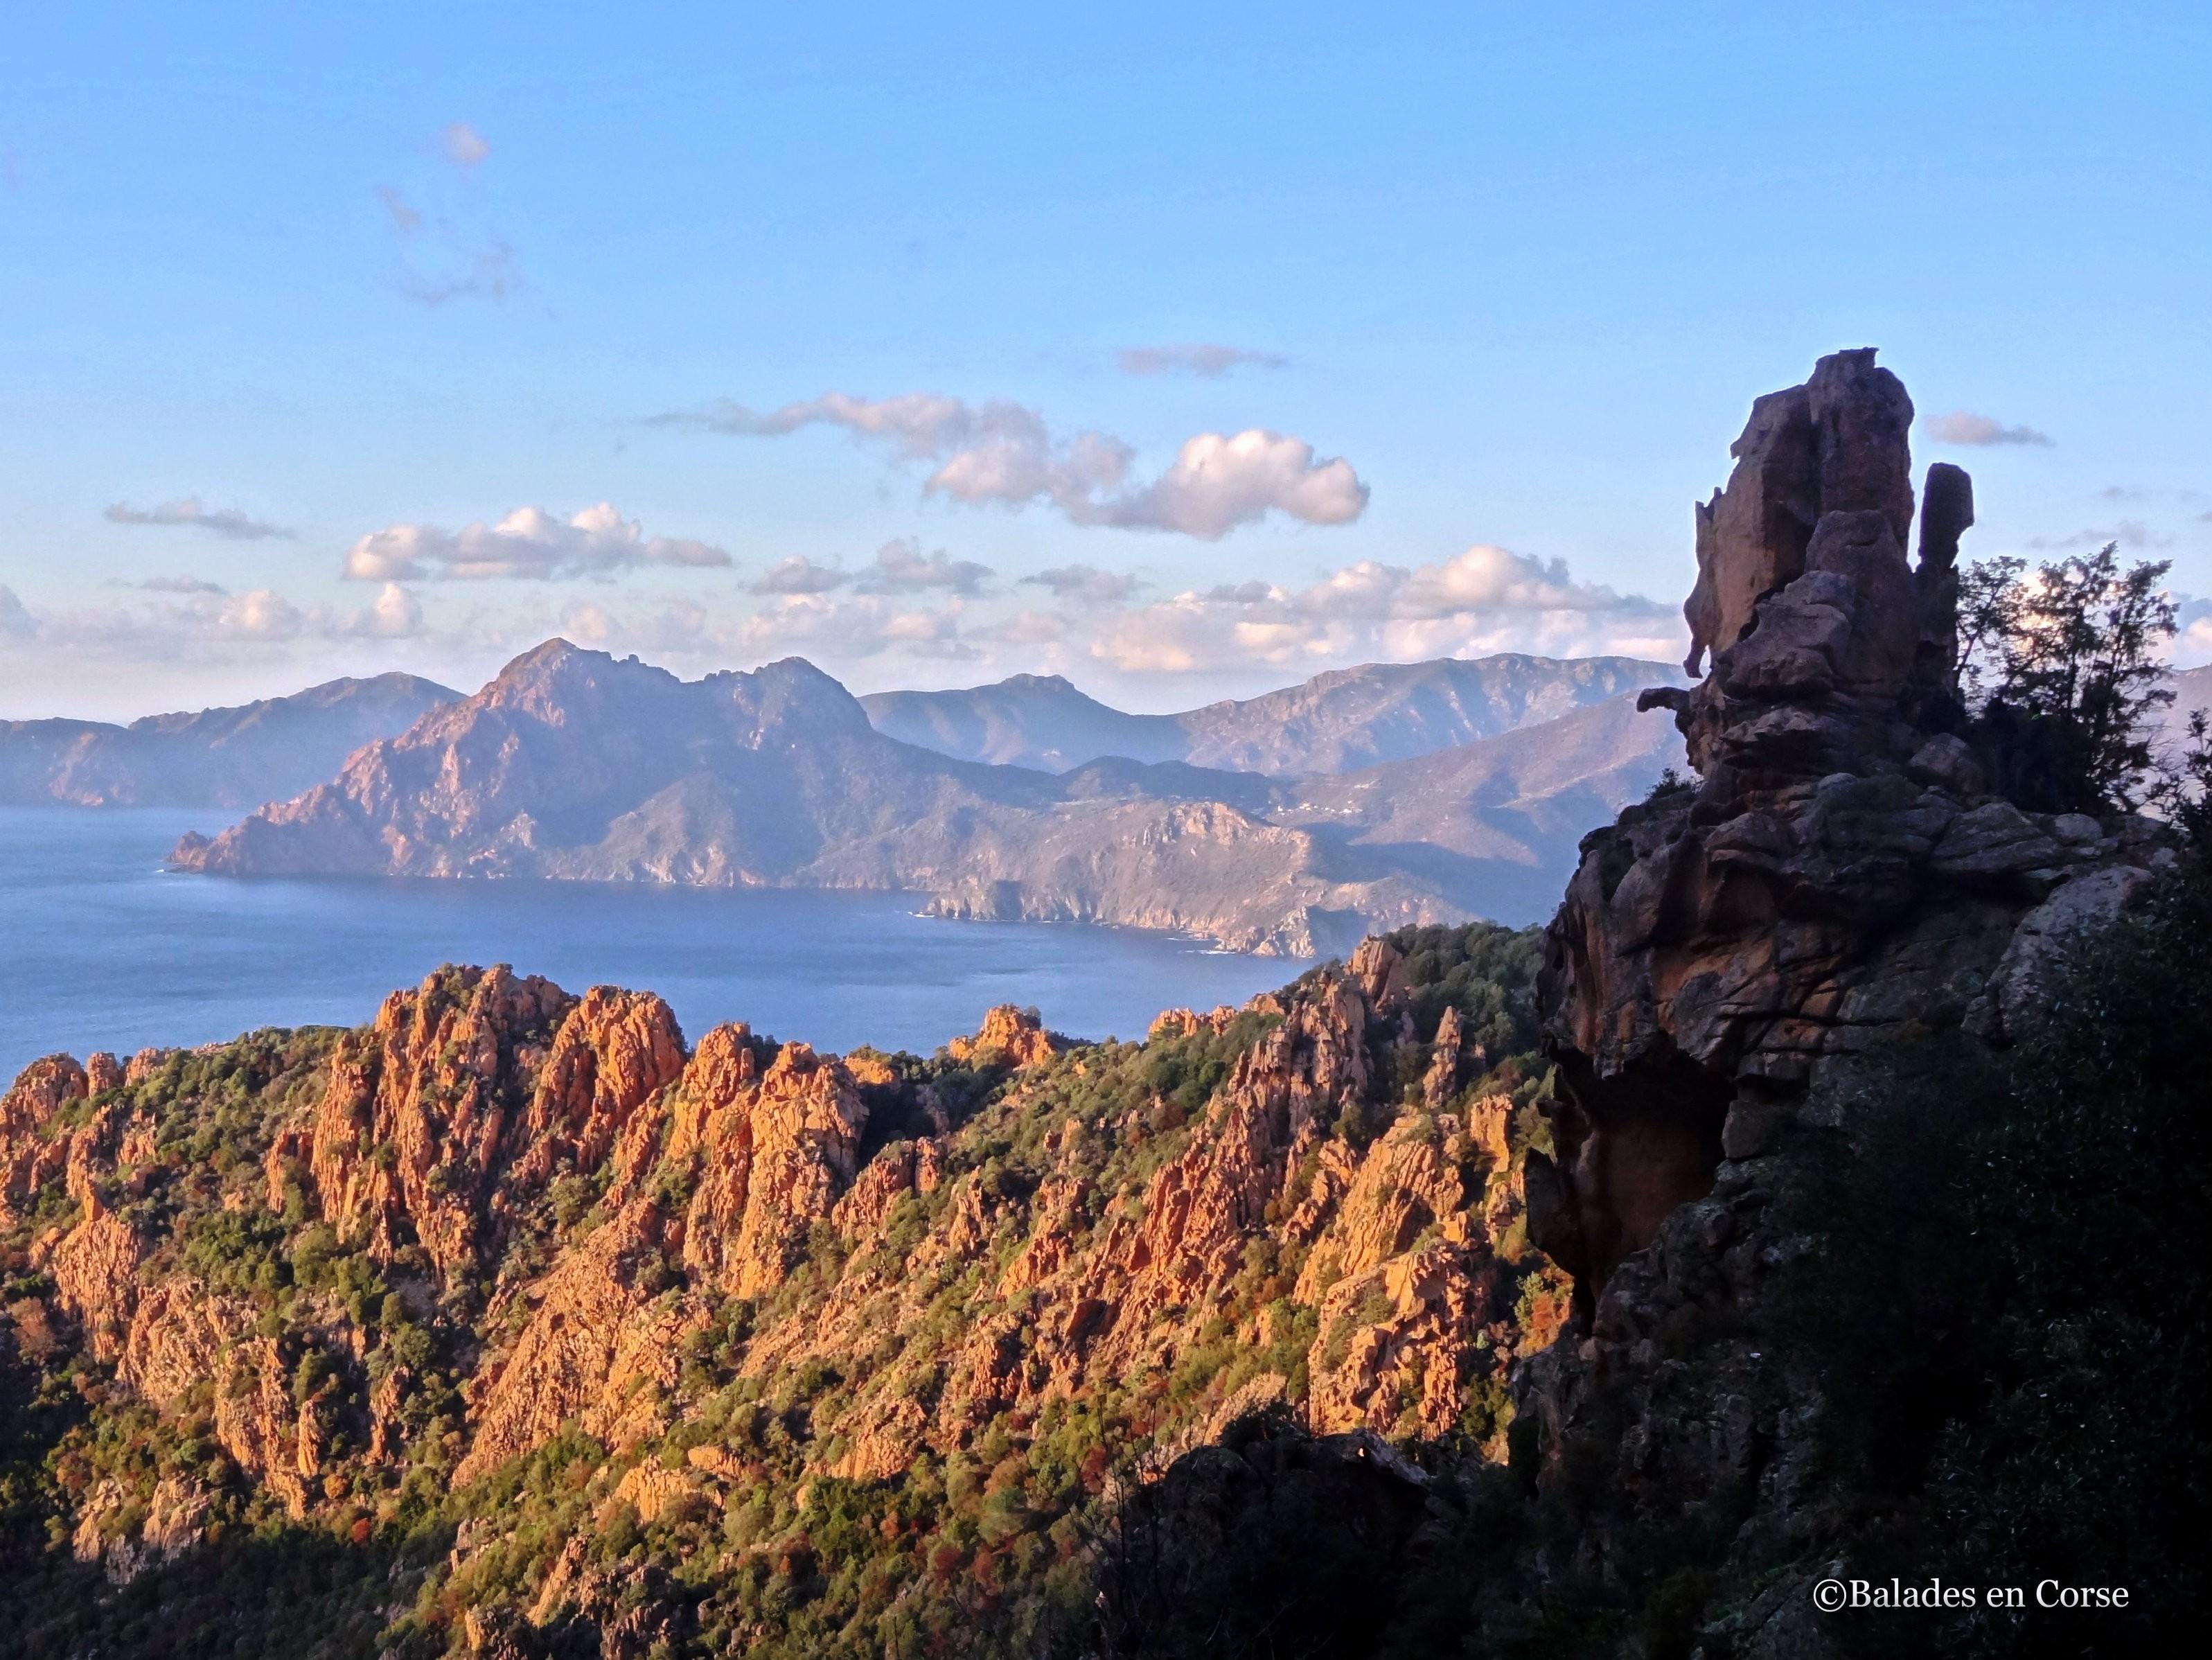 Balades en Corse | Calanche de Piana